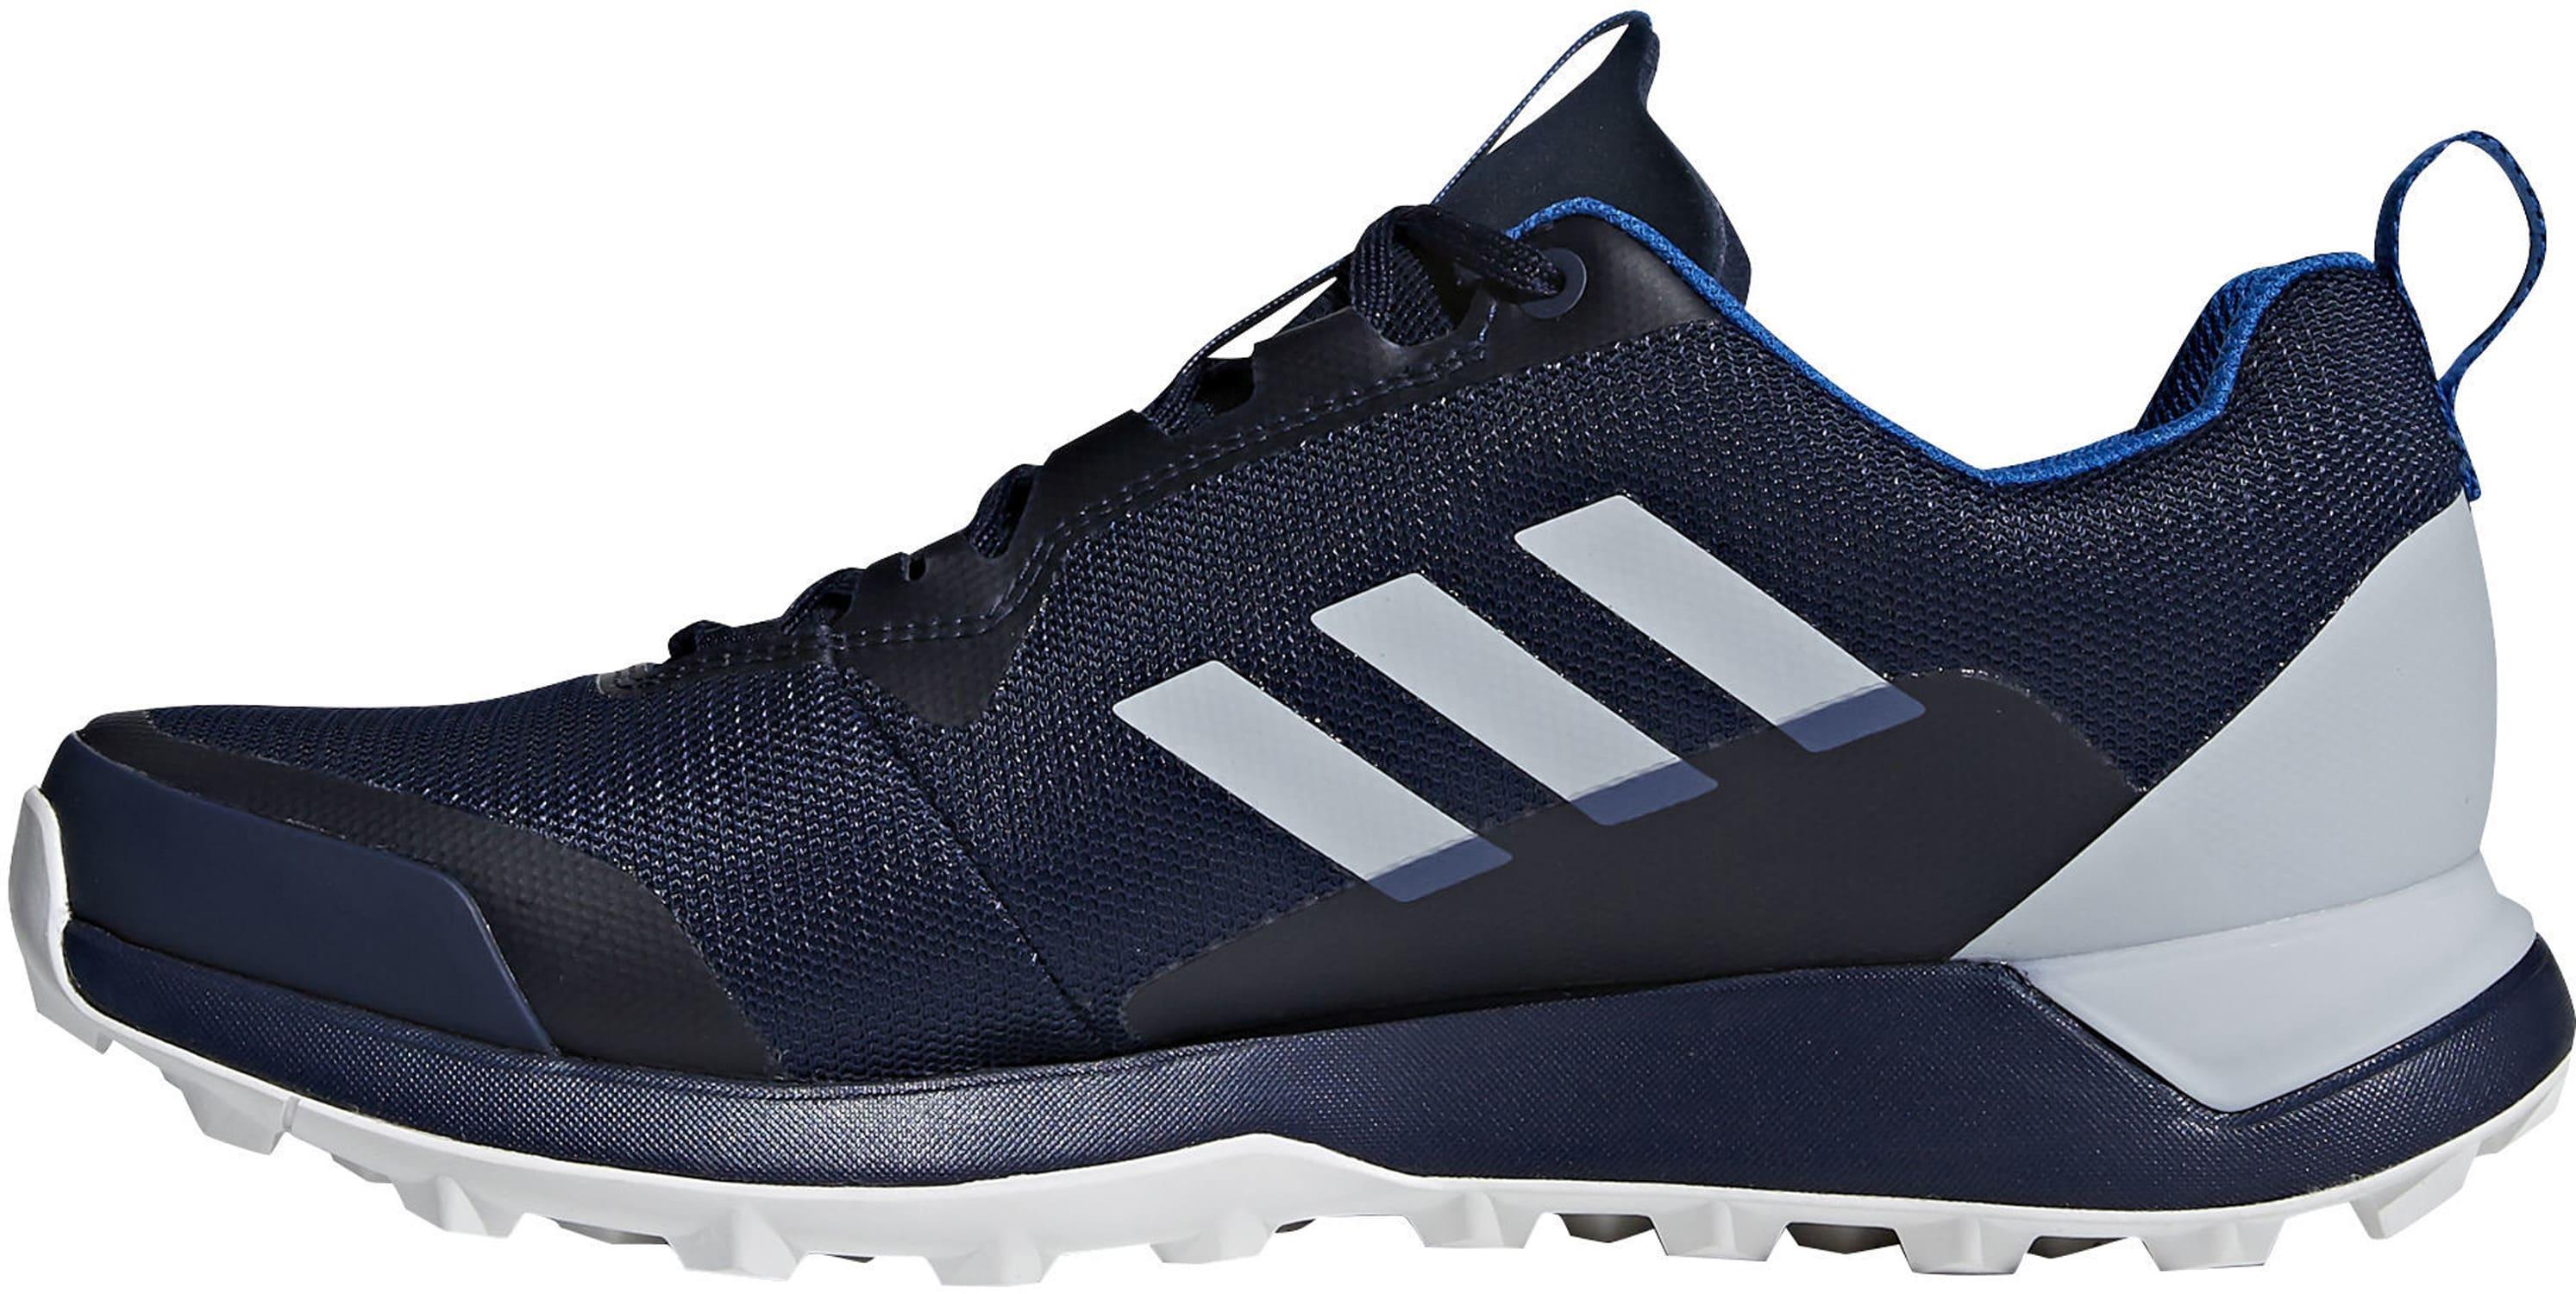 Adidas Terrex CMTK GTX Shoes - thumbnail 3 d8b3d17f8